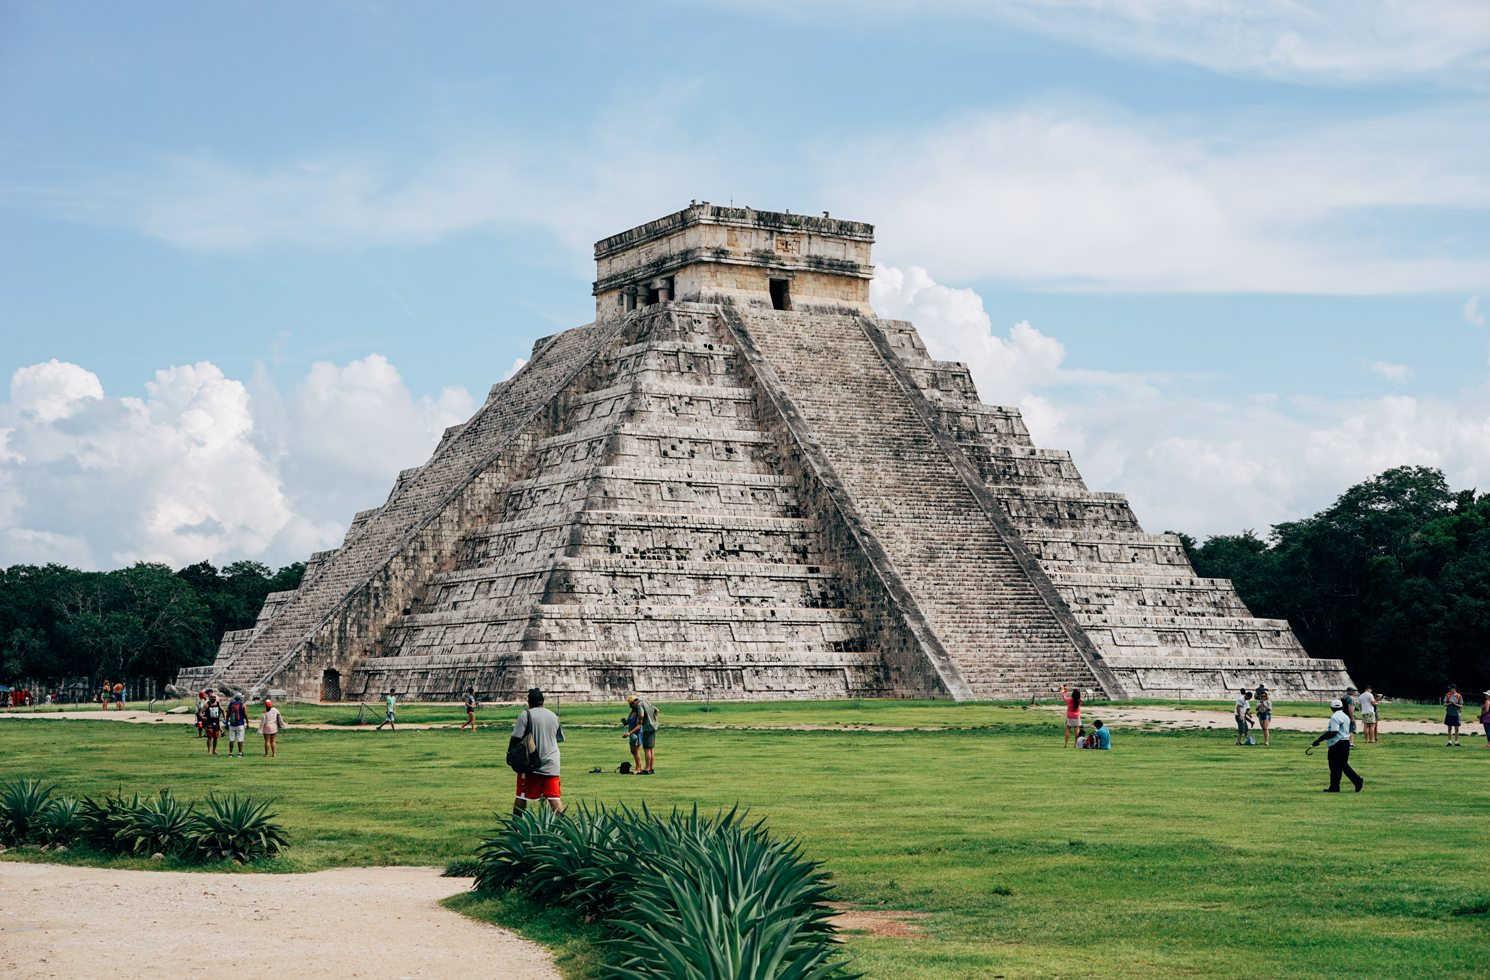 Die Pyramdien von Chichén Itzá, Mexico